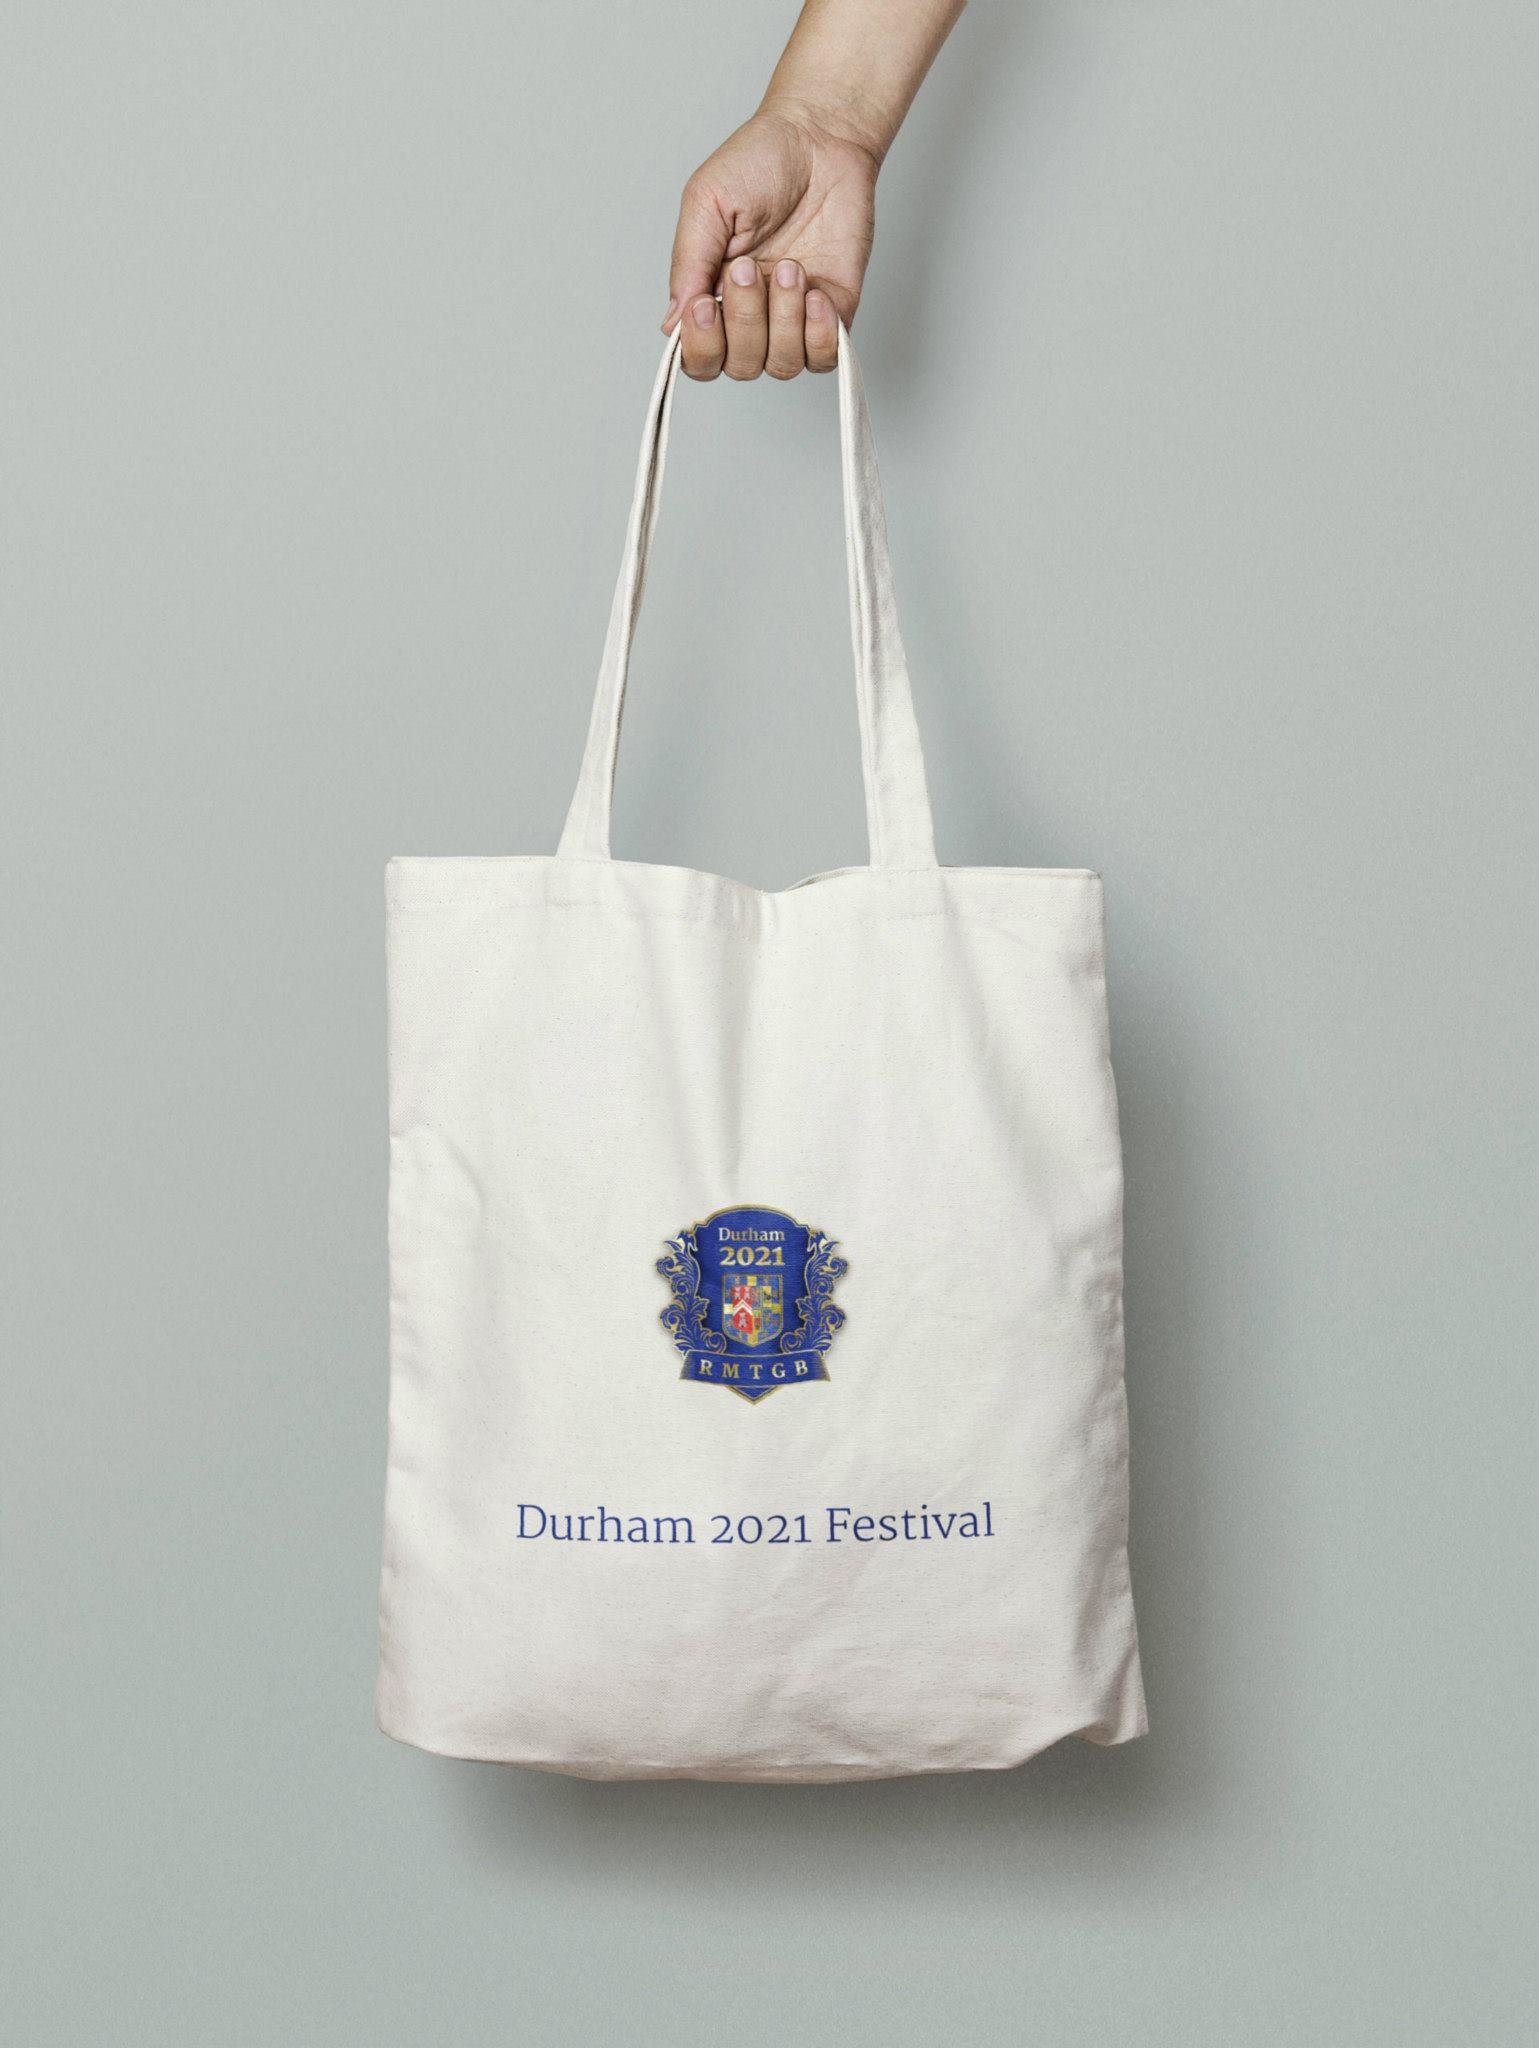 Festival merchandise